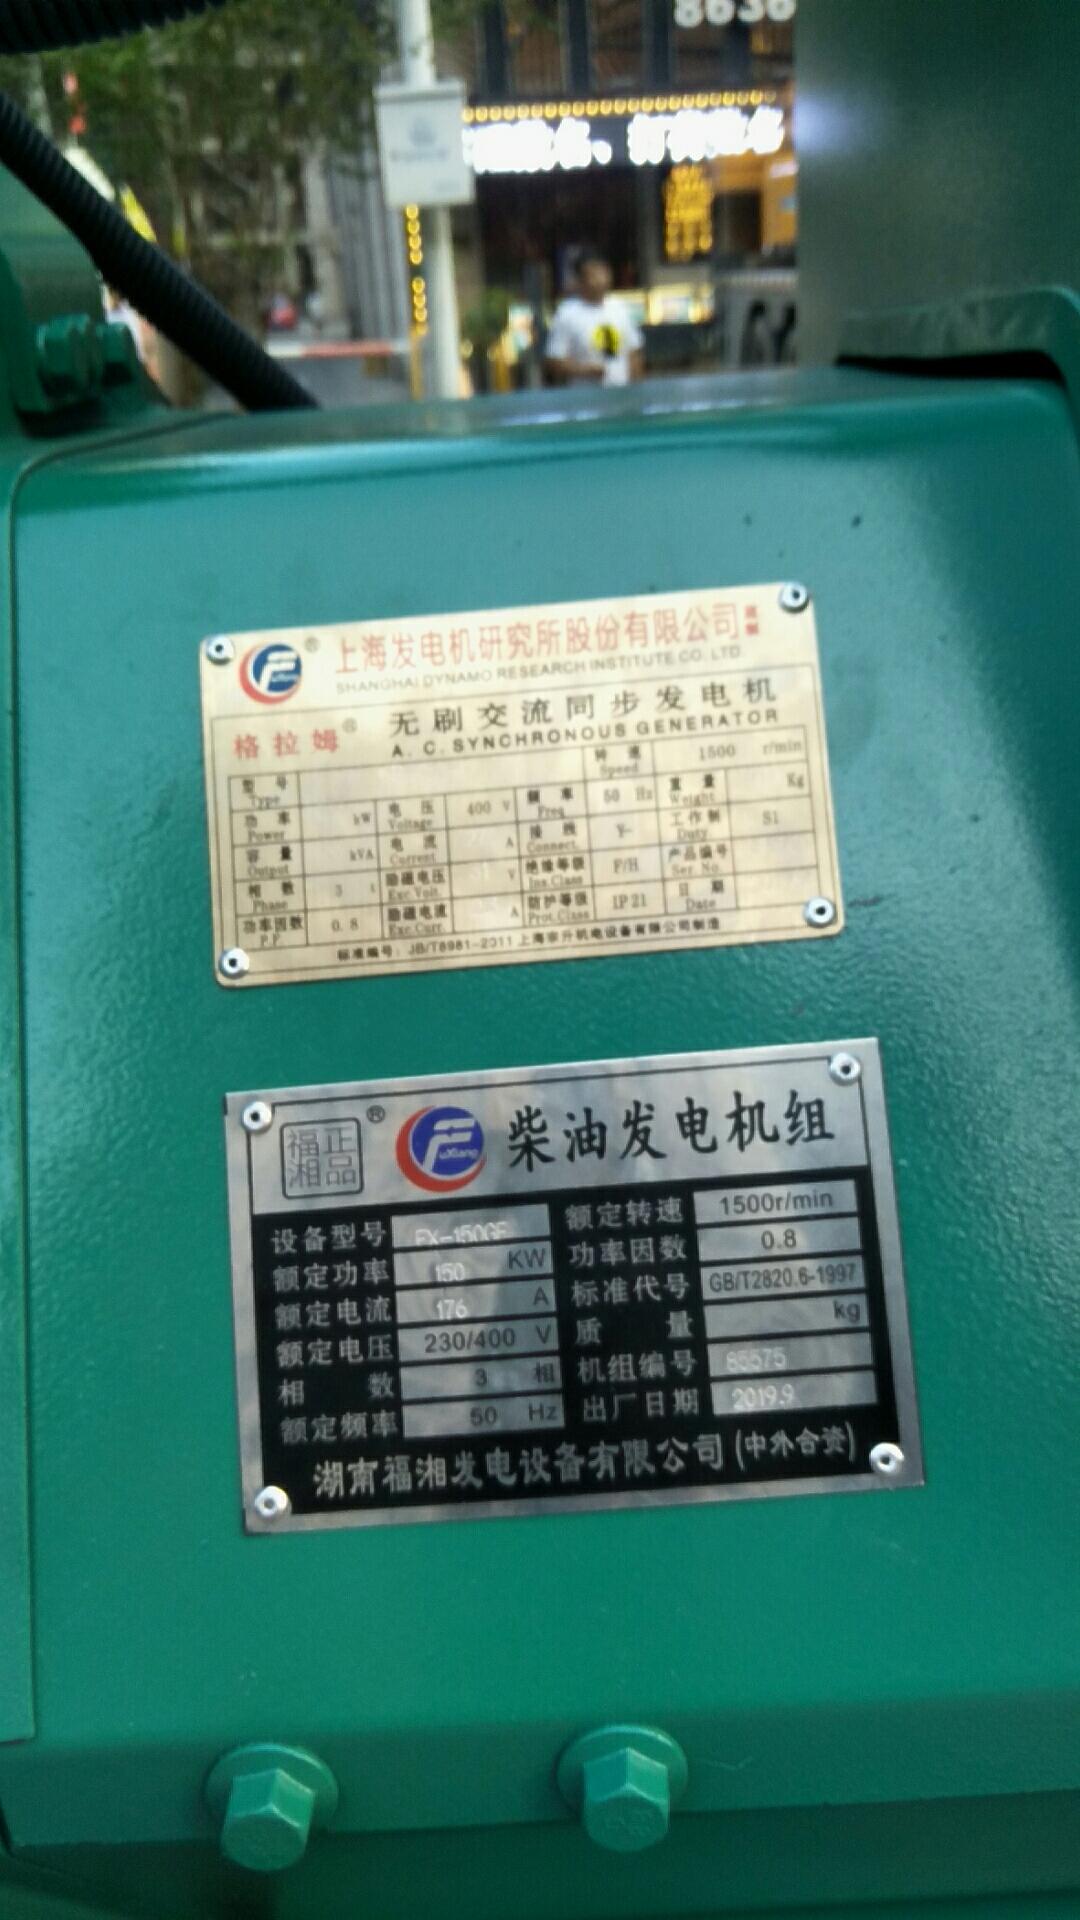 福湘发电设备公司2套潍柴动力配上海格拉姆,全自动w88优德中文版交付彭厨连锁餐饮